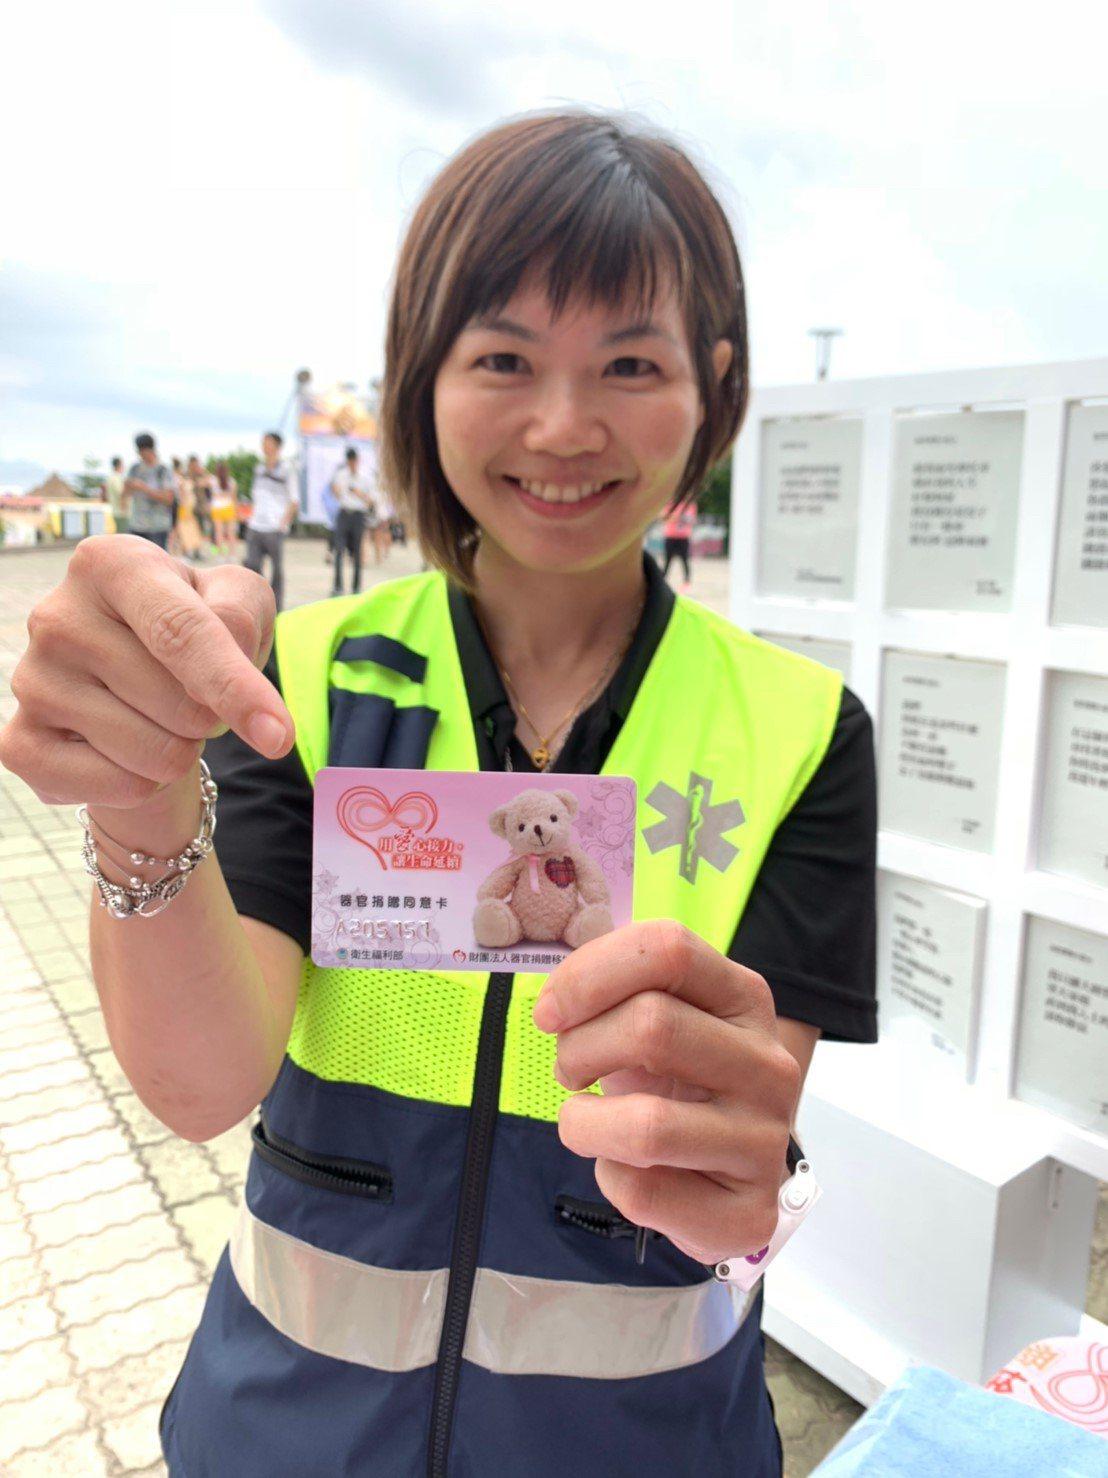 消防隊員梁小姐一直想簽署器官捐贈同意書,在貢寮音樂季現場化為實際行動。(攝影/王...